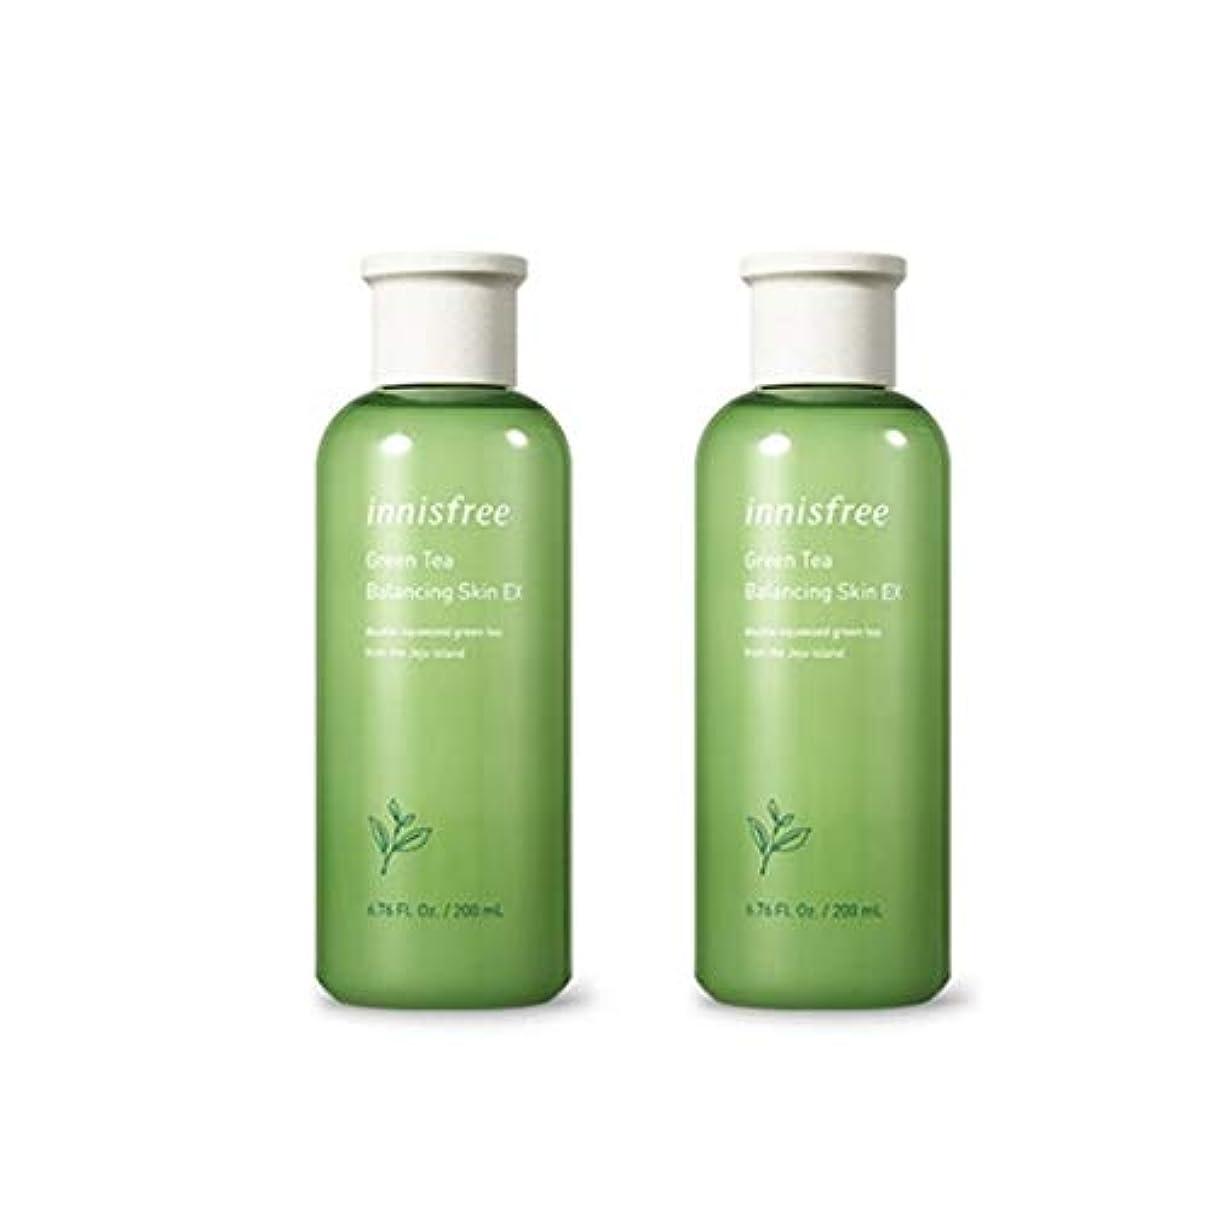 強化するセーターミニチュアイニスフリーグリーンティーバランシングスキンEX 200mlx2本セット韓国コスメ、innisfree Green Tea Balancing Skin EX 200ml x 2ea Set Korean Cosmetics...